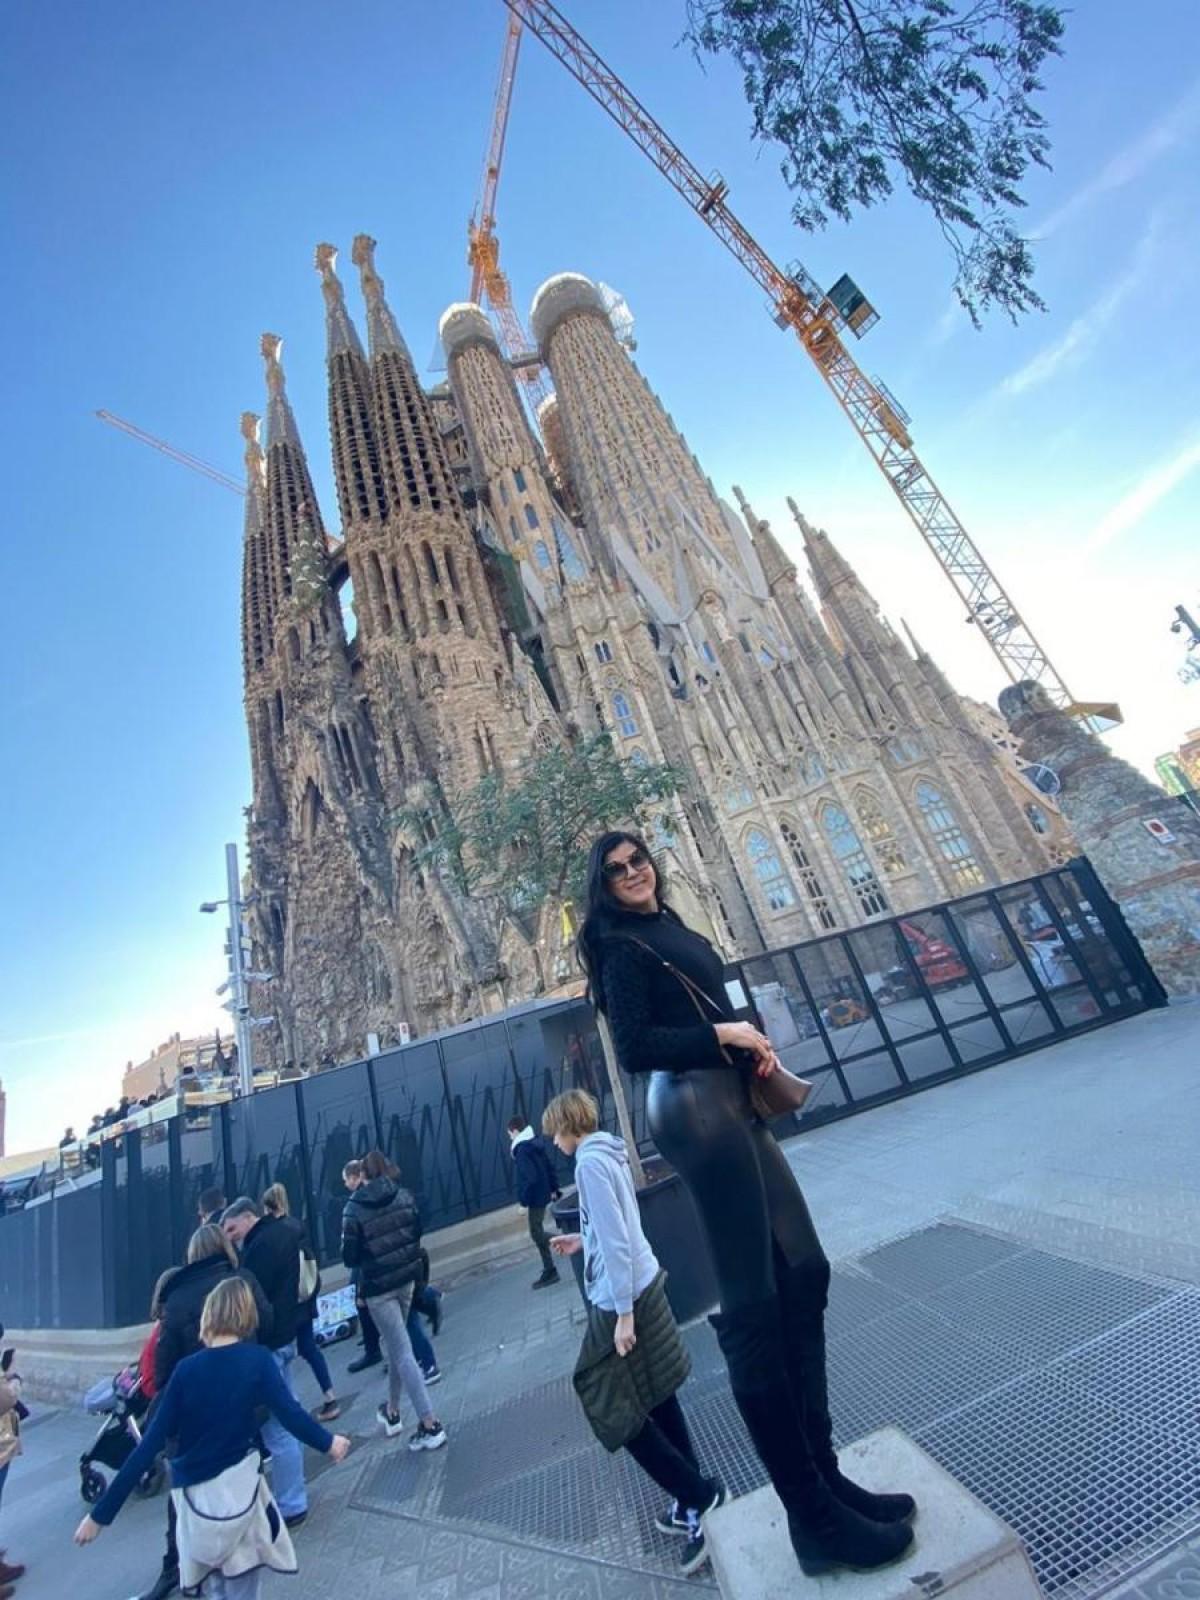 Sagrada Família: obra-prima do Gualdí, ainda em construção (Foto: Carla Passos)